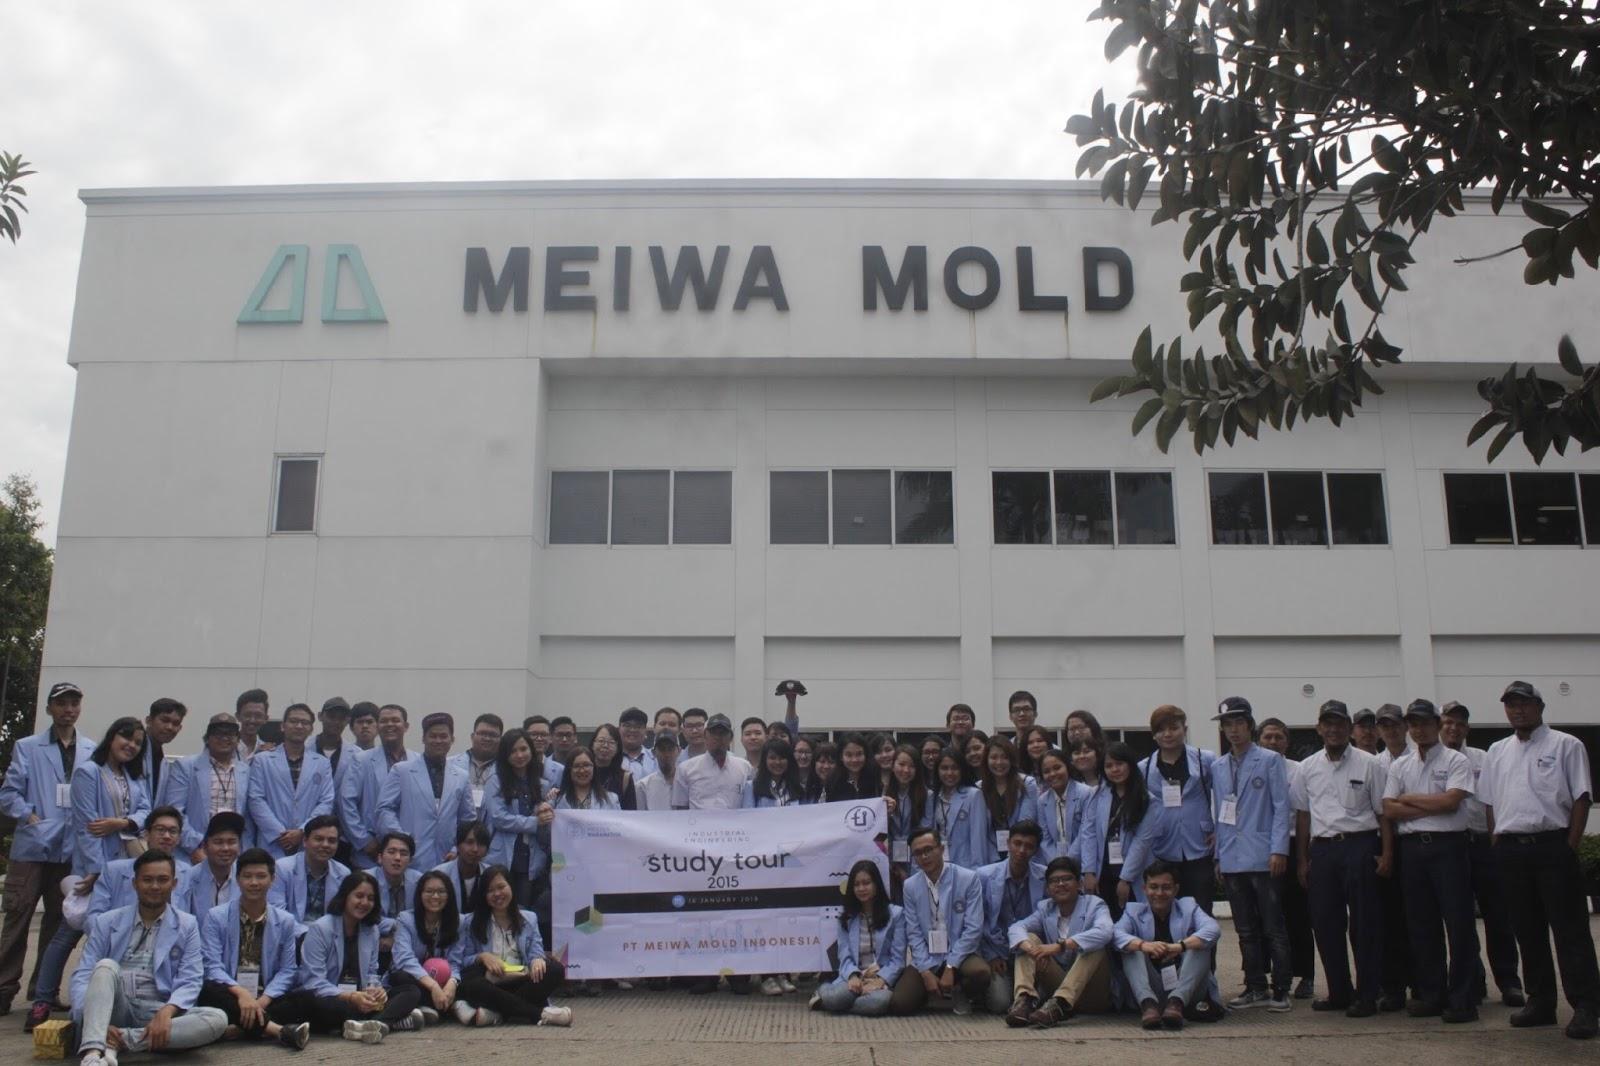 Loker Kawasan Pabrik Mm2100 PT.MEIWA MOLD INDONESIA Via Pos